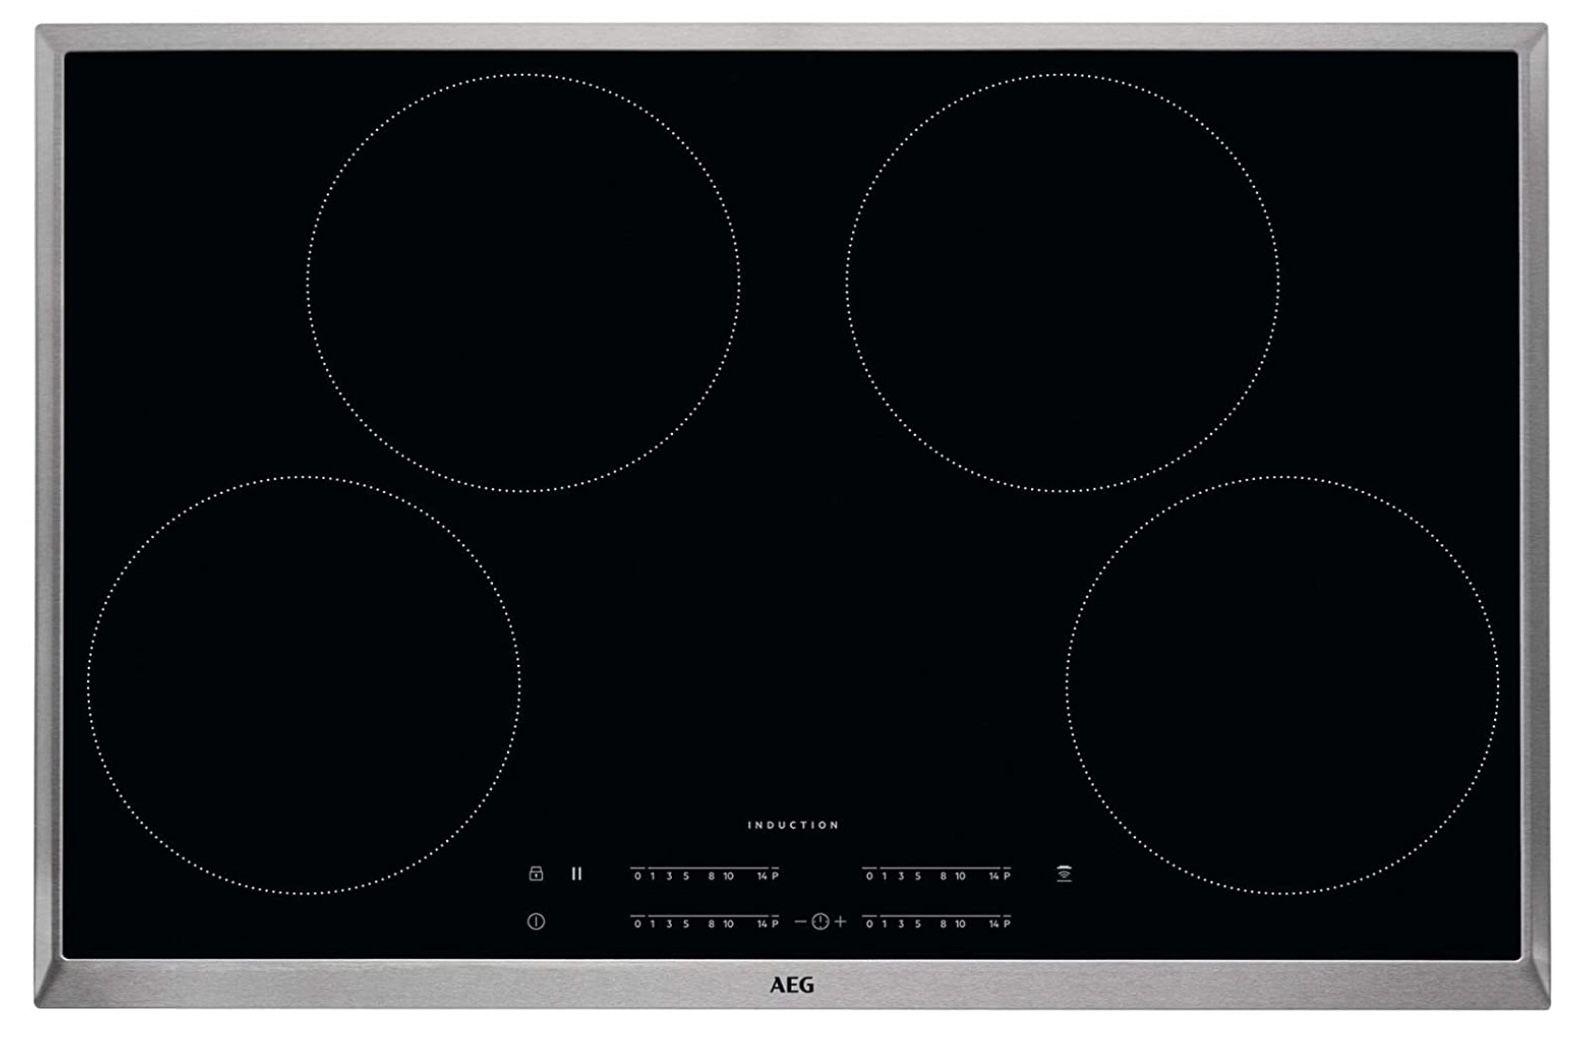 AEG IKB8443AXB Induktions Kochfeld mit Hob²Hood Funktion Breite für 349€ (statt 519€)